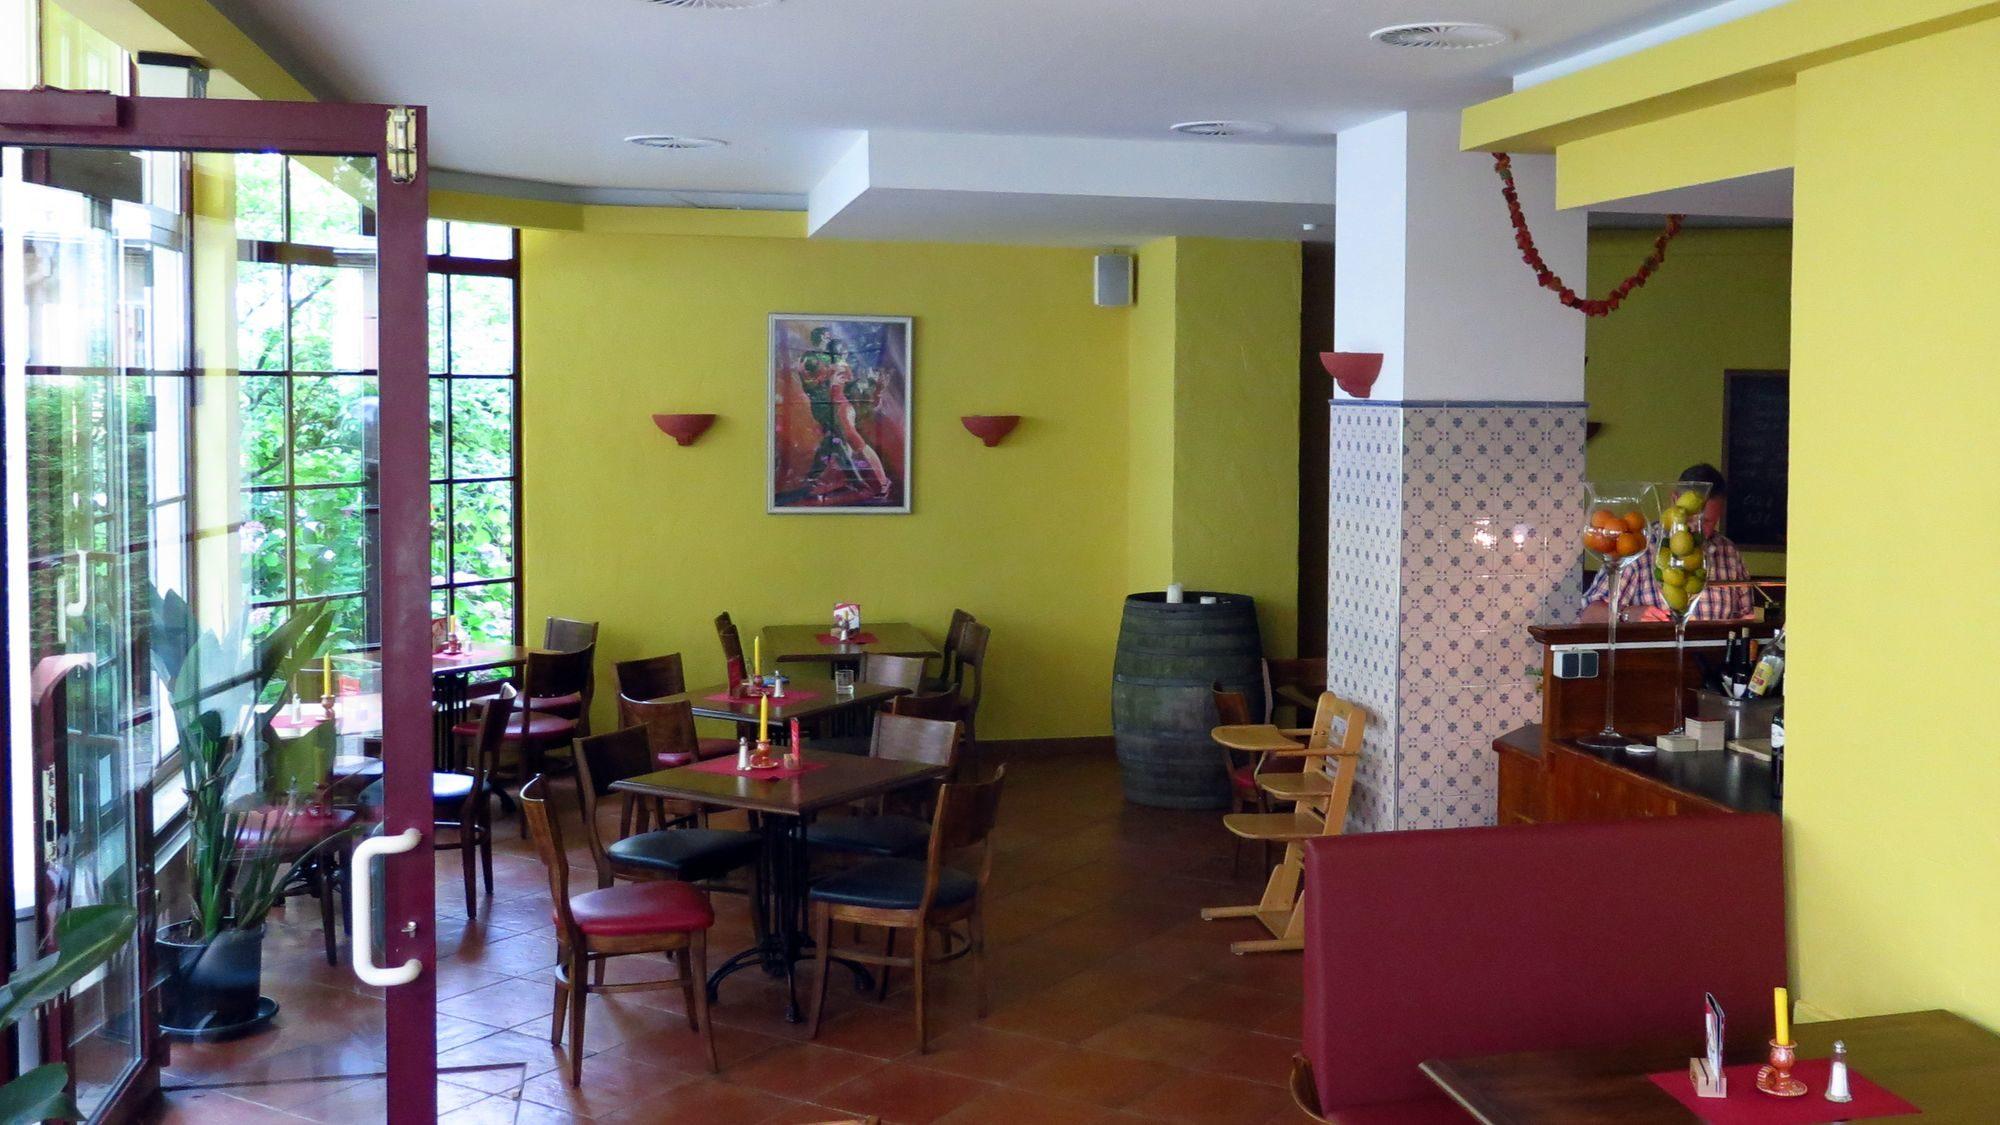 Im Werbeprospekt würde es wohl heißen, das Restaurant ist lichtdurchflutet. Aber die großen Fenster sind tatsächlich sehr schick.